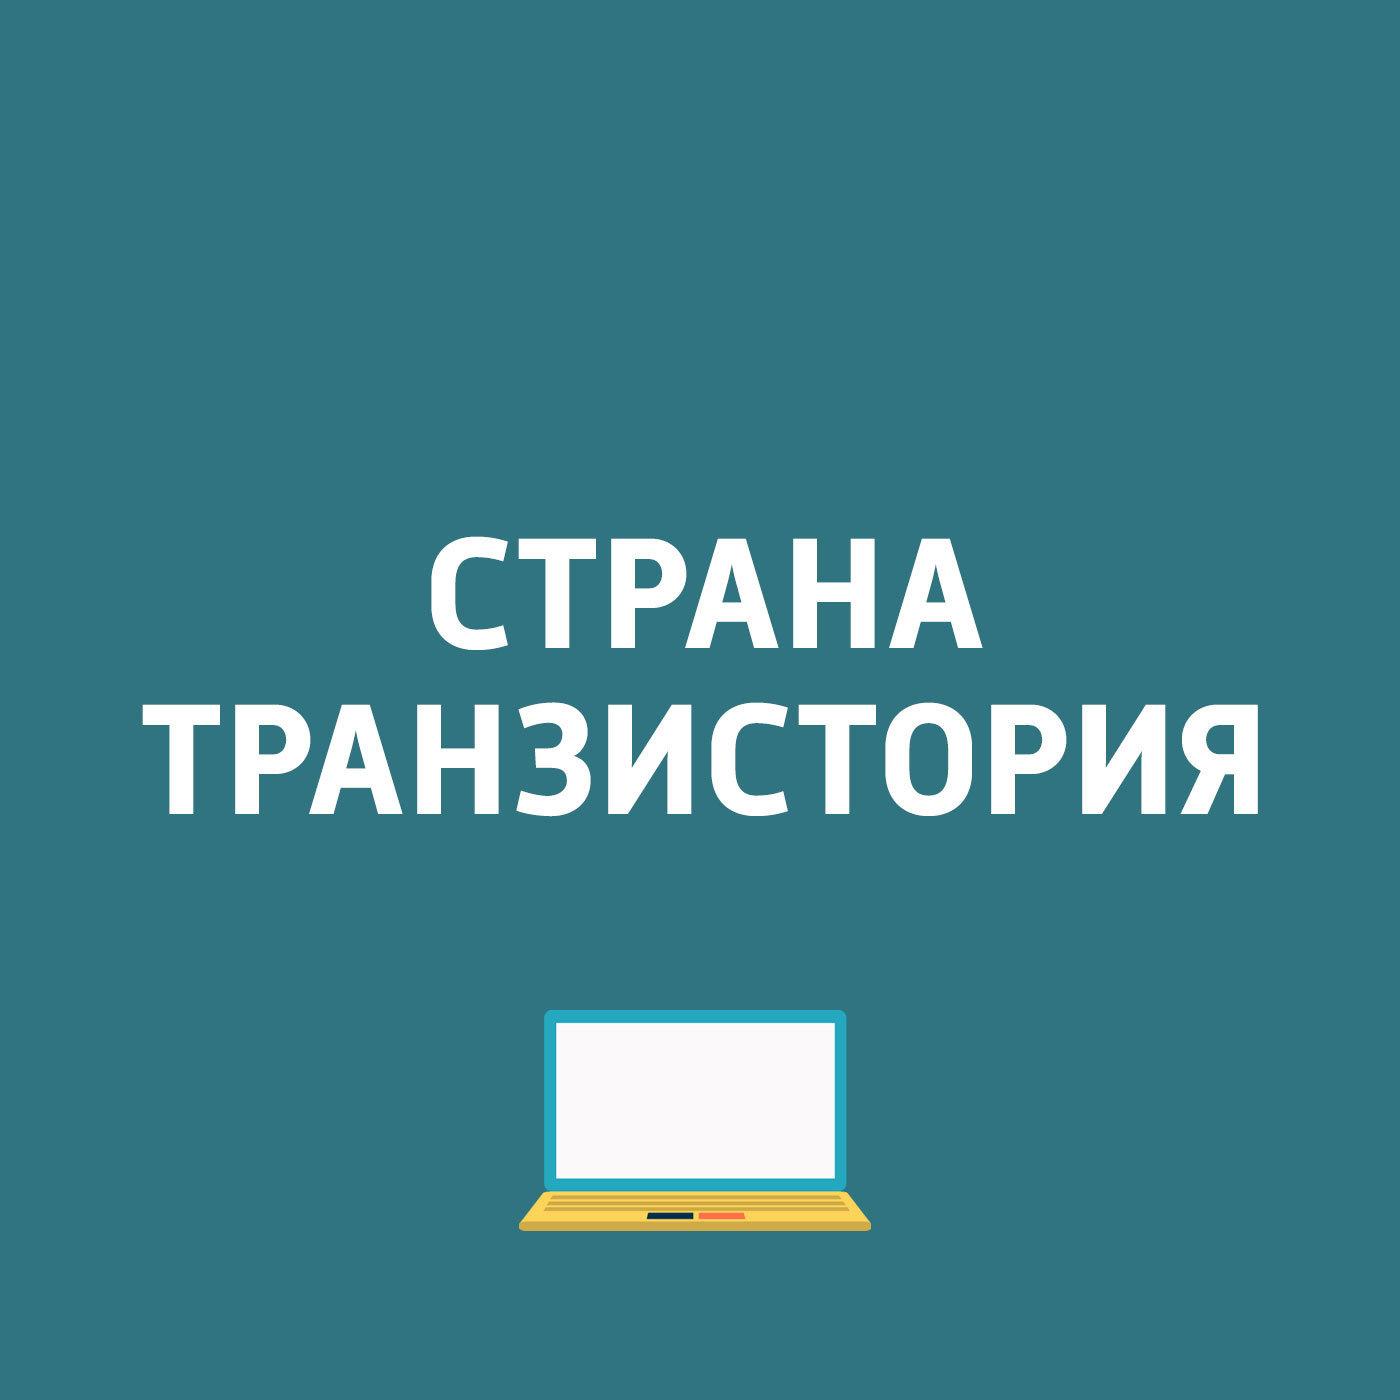 Картаев Павел Gionee M2017; 3D-музей российского оружия; Каршеринг BelkaCar расширяет географию... картаев павел apple iphone 7 стал самым продаваемым смартфоном начала 2017 года